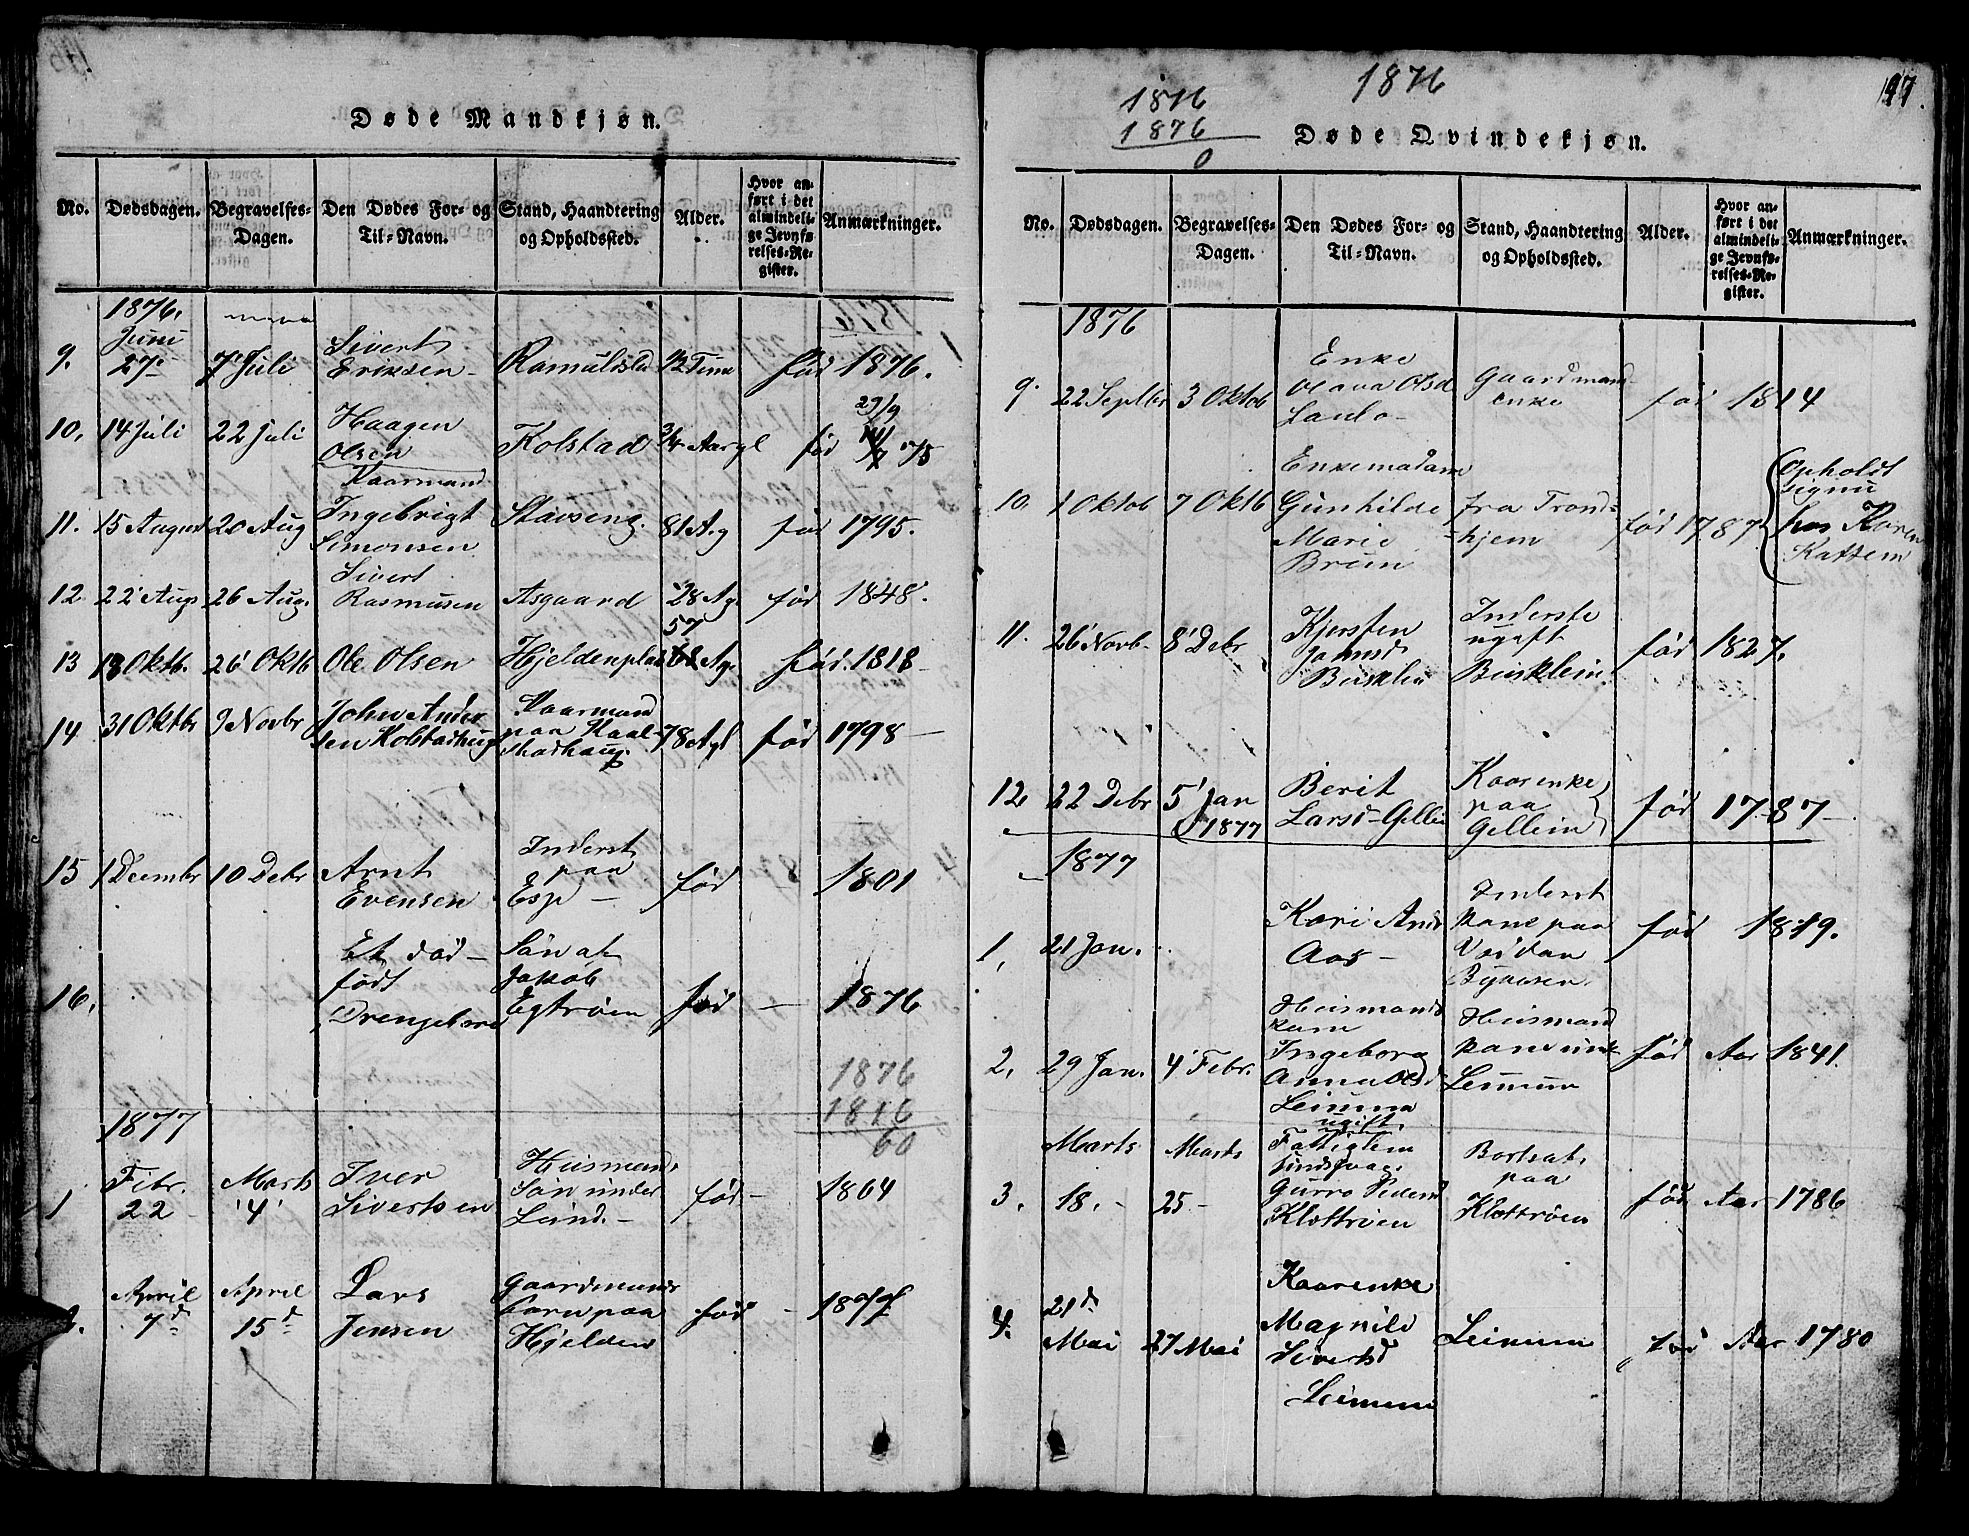 SAT, Ministerialprotokoller, klokkerbøker og fødselsregistre - Sør-Trøndelag, 613/L0393: Klokkerbok nr. 613C01, 1816-1886, s. 147